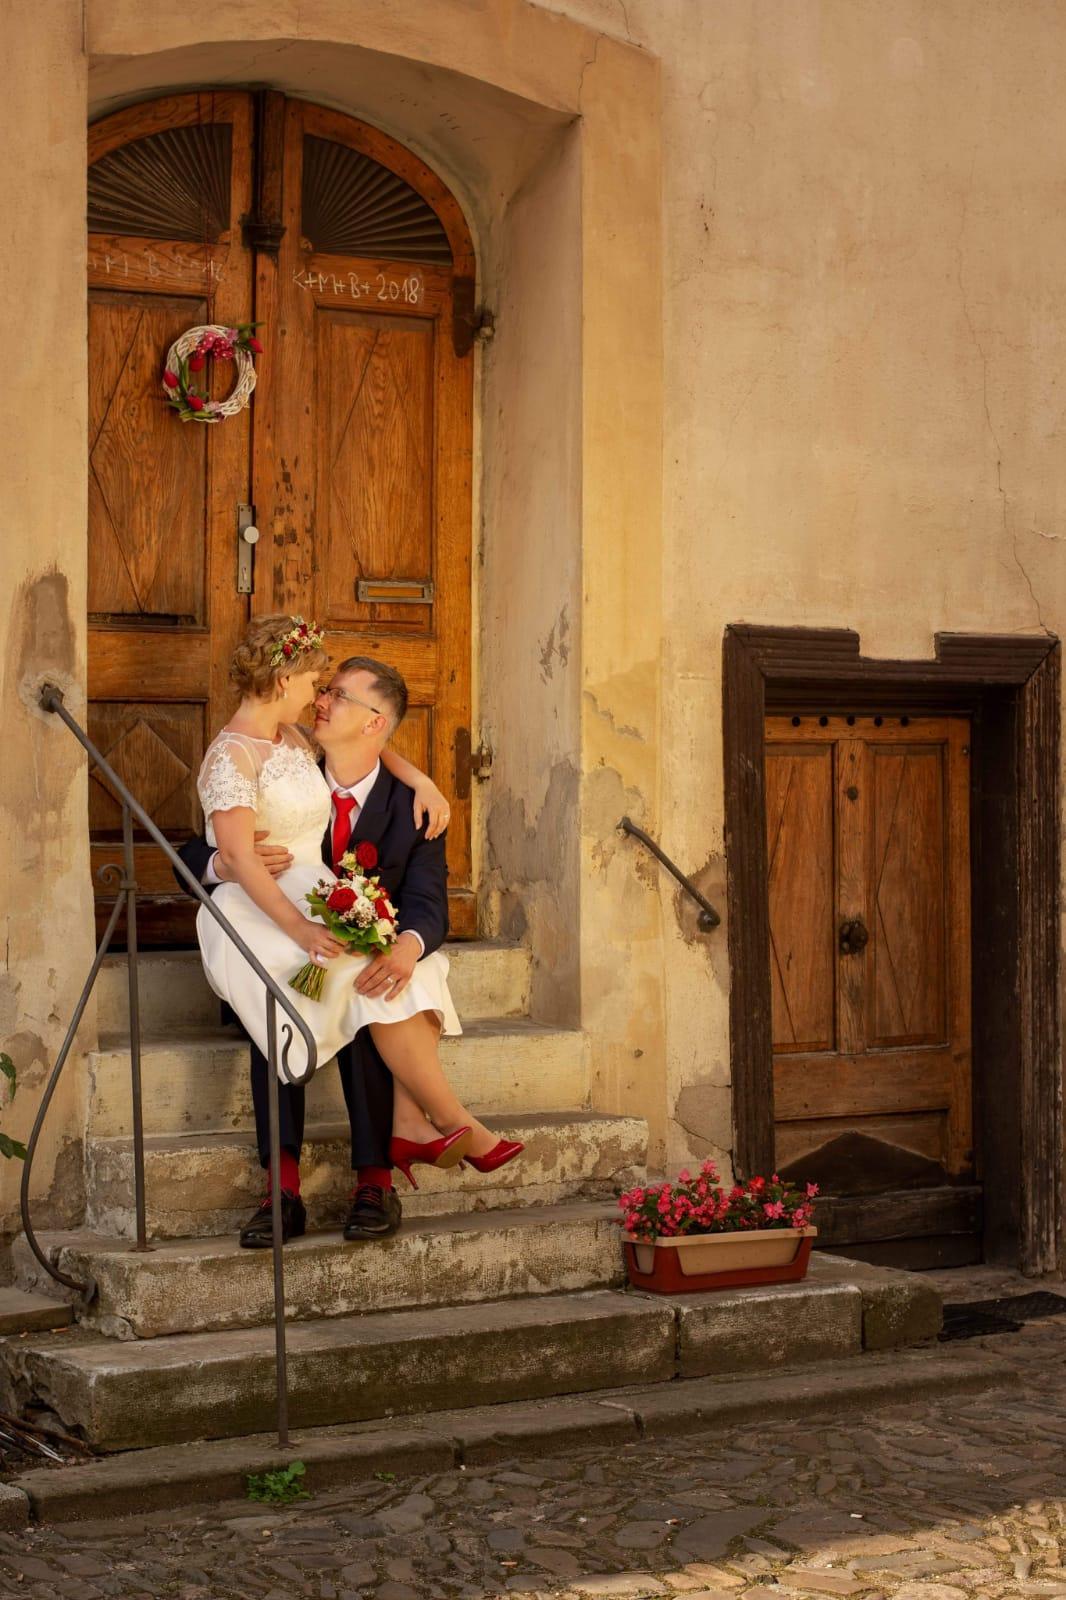 #mojenej Tuto fotku milujeme s manželem oba, vnímáme ji hodně emočně a vždycky se nám při pohledu na ni ty krásné pocity vrací. - Obrázek č. 1